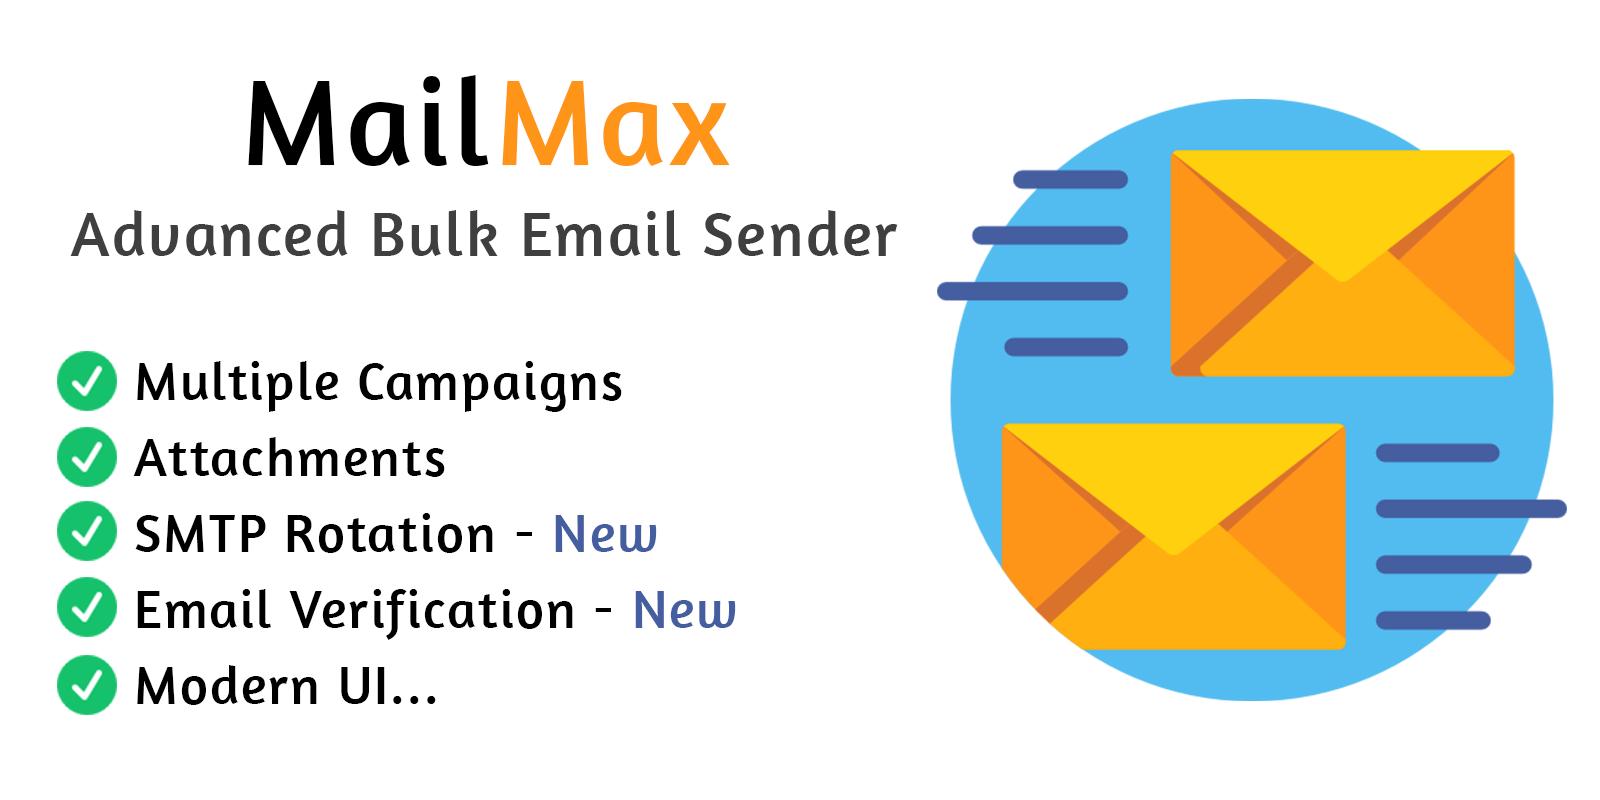 MailMax Advanced Bulk Email Sender